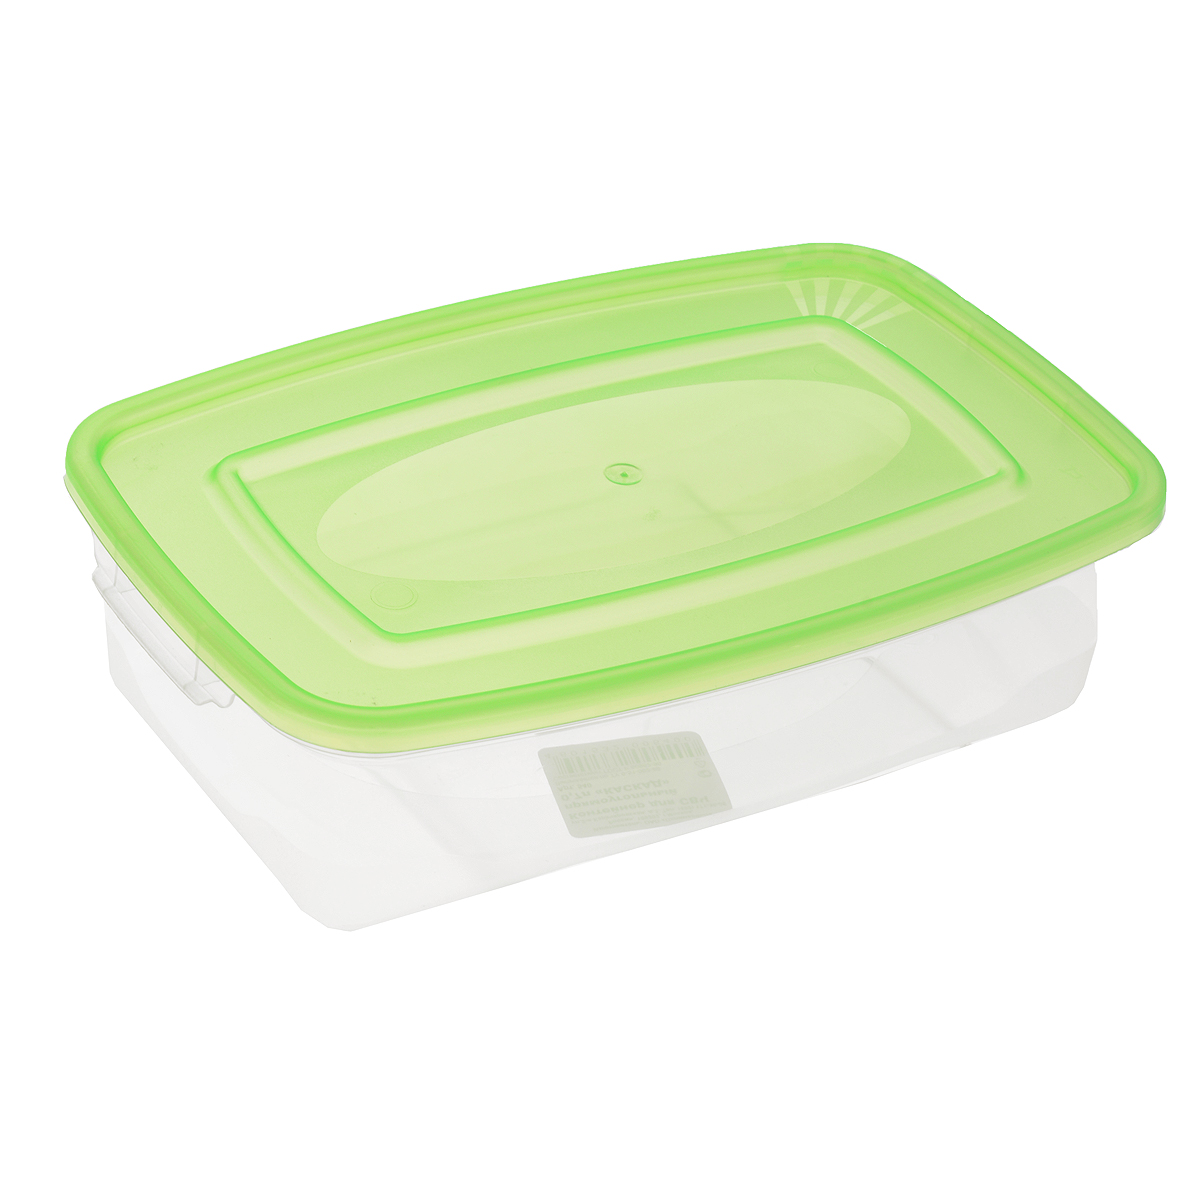 Контейнер для СВЧ Полимербыт Каскад, цвет: зеленый, прозрачный, 700 млС540Прямоугольный контейнер для СВЧ Полимербыт Каскад изготовлен из высококачественного прочного пластика, устойчивого к высоким температурам (до +120°С). Стенки контейнера прозрачные, что позволяет видеть содержимое. Цветная полупрозрачная крышка плотно закрывается. Контейнер идеально подходит для хранения пищи, его удобно брать с собой на работу, учебу, пикник или просто использовать для хранения пищи в холодильнике.Можно использовать в микроволновой печи и для заморозки в морозильной камере. Можно мыть в посудомоечной машине.